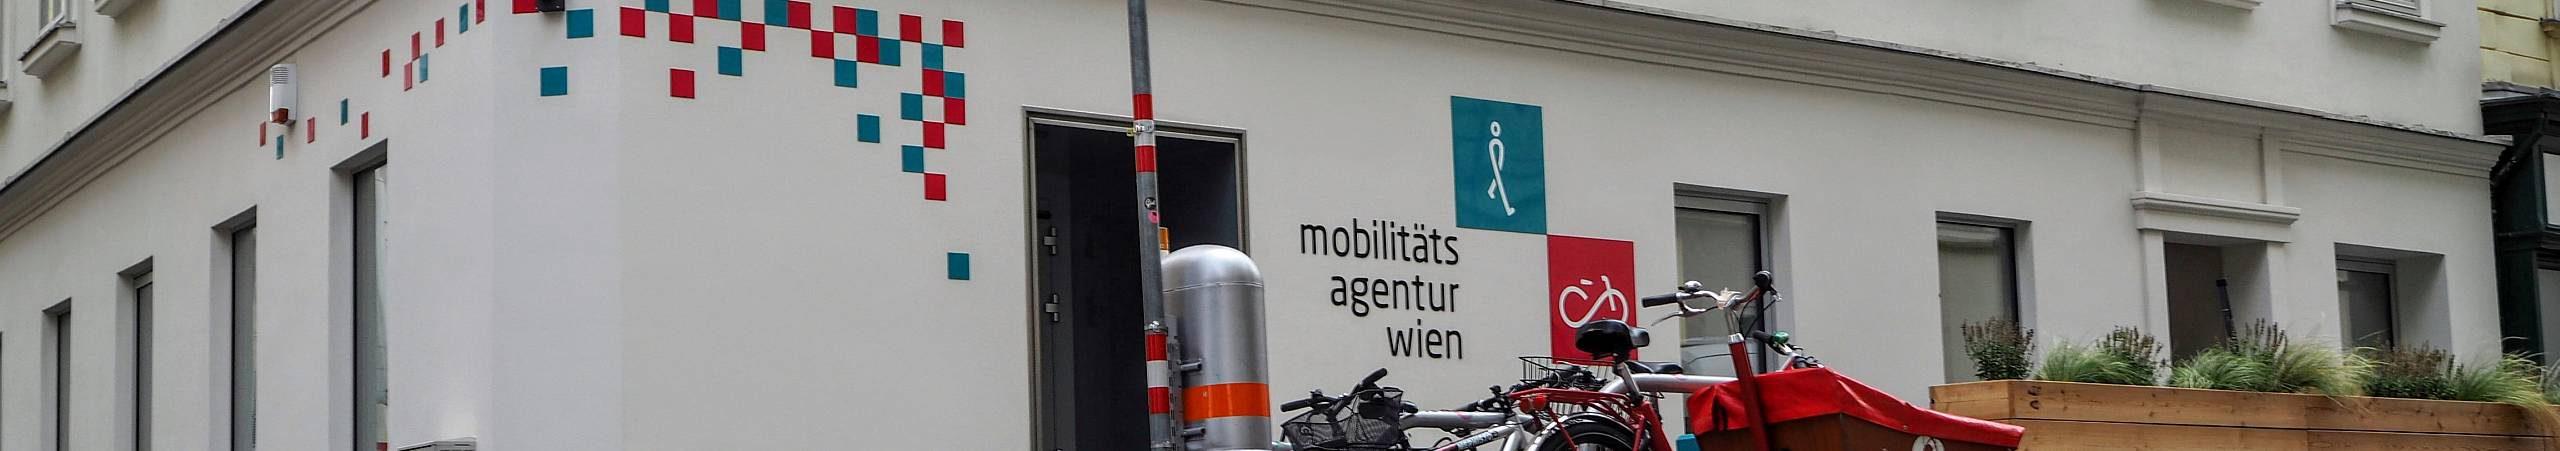 Vor dem Büro der Mobilitätsagentur im zweiten Bezirk parken mehrere Fahrräder.